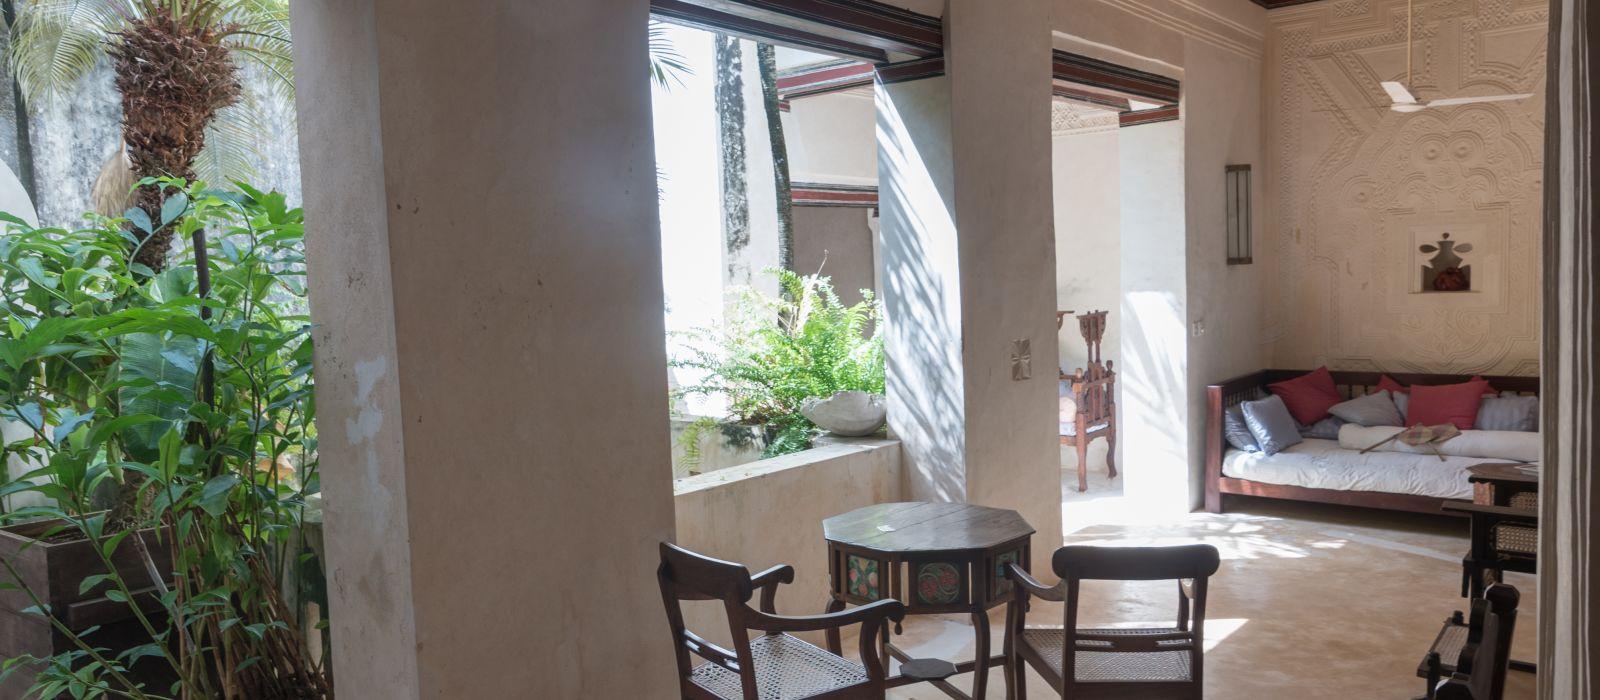 Hotel Baytil Ajaib Kenia